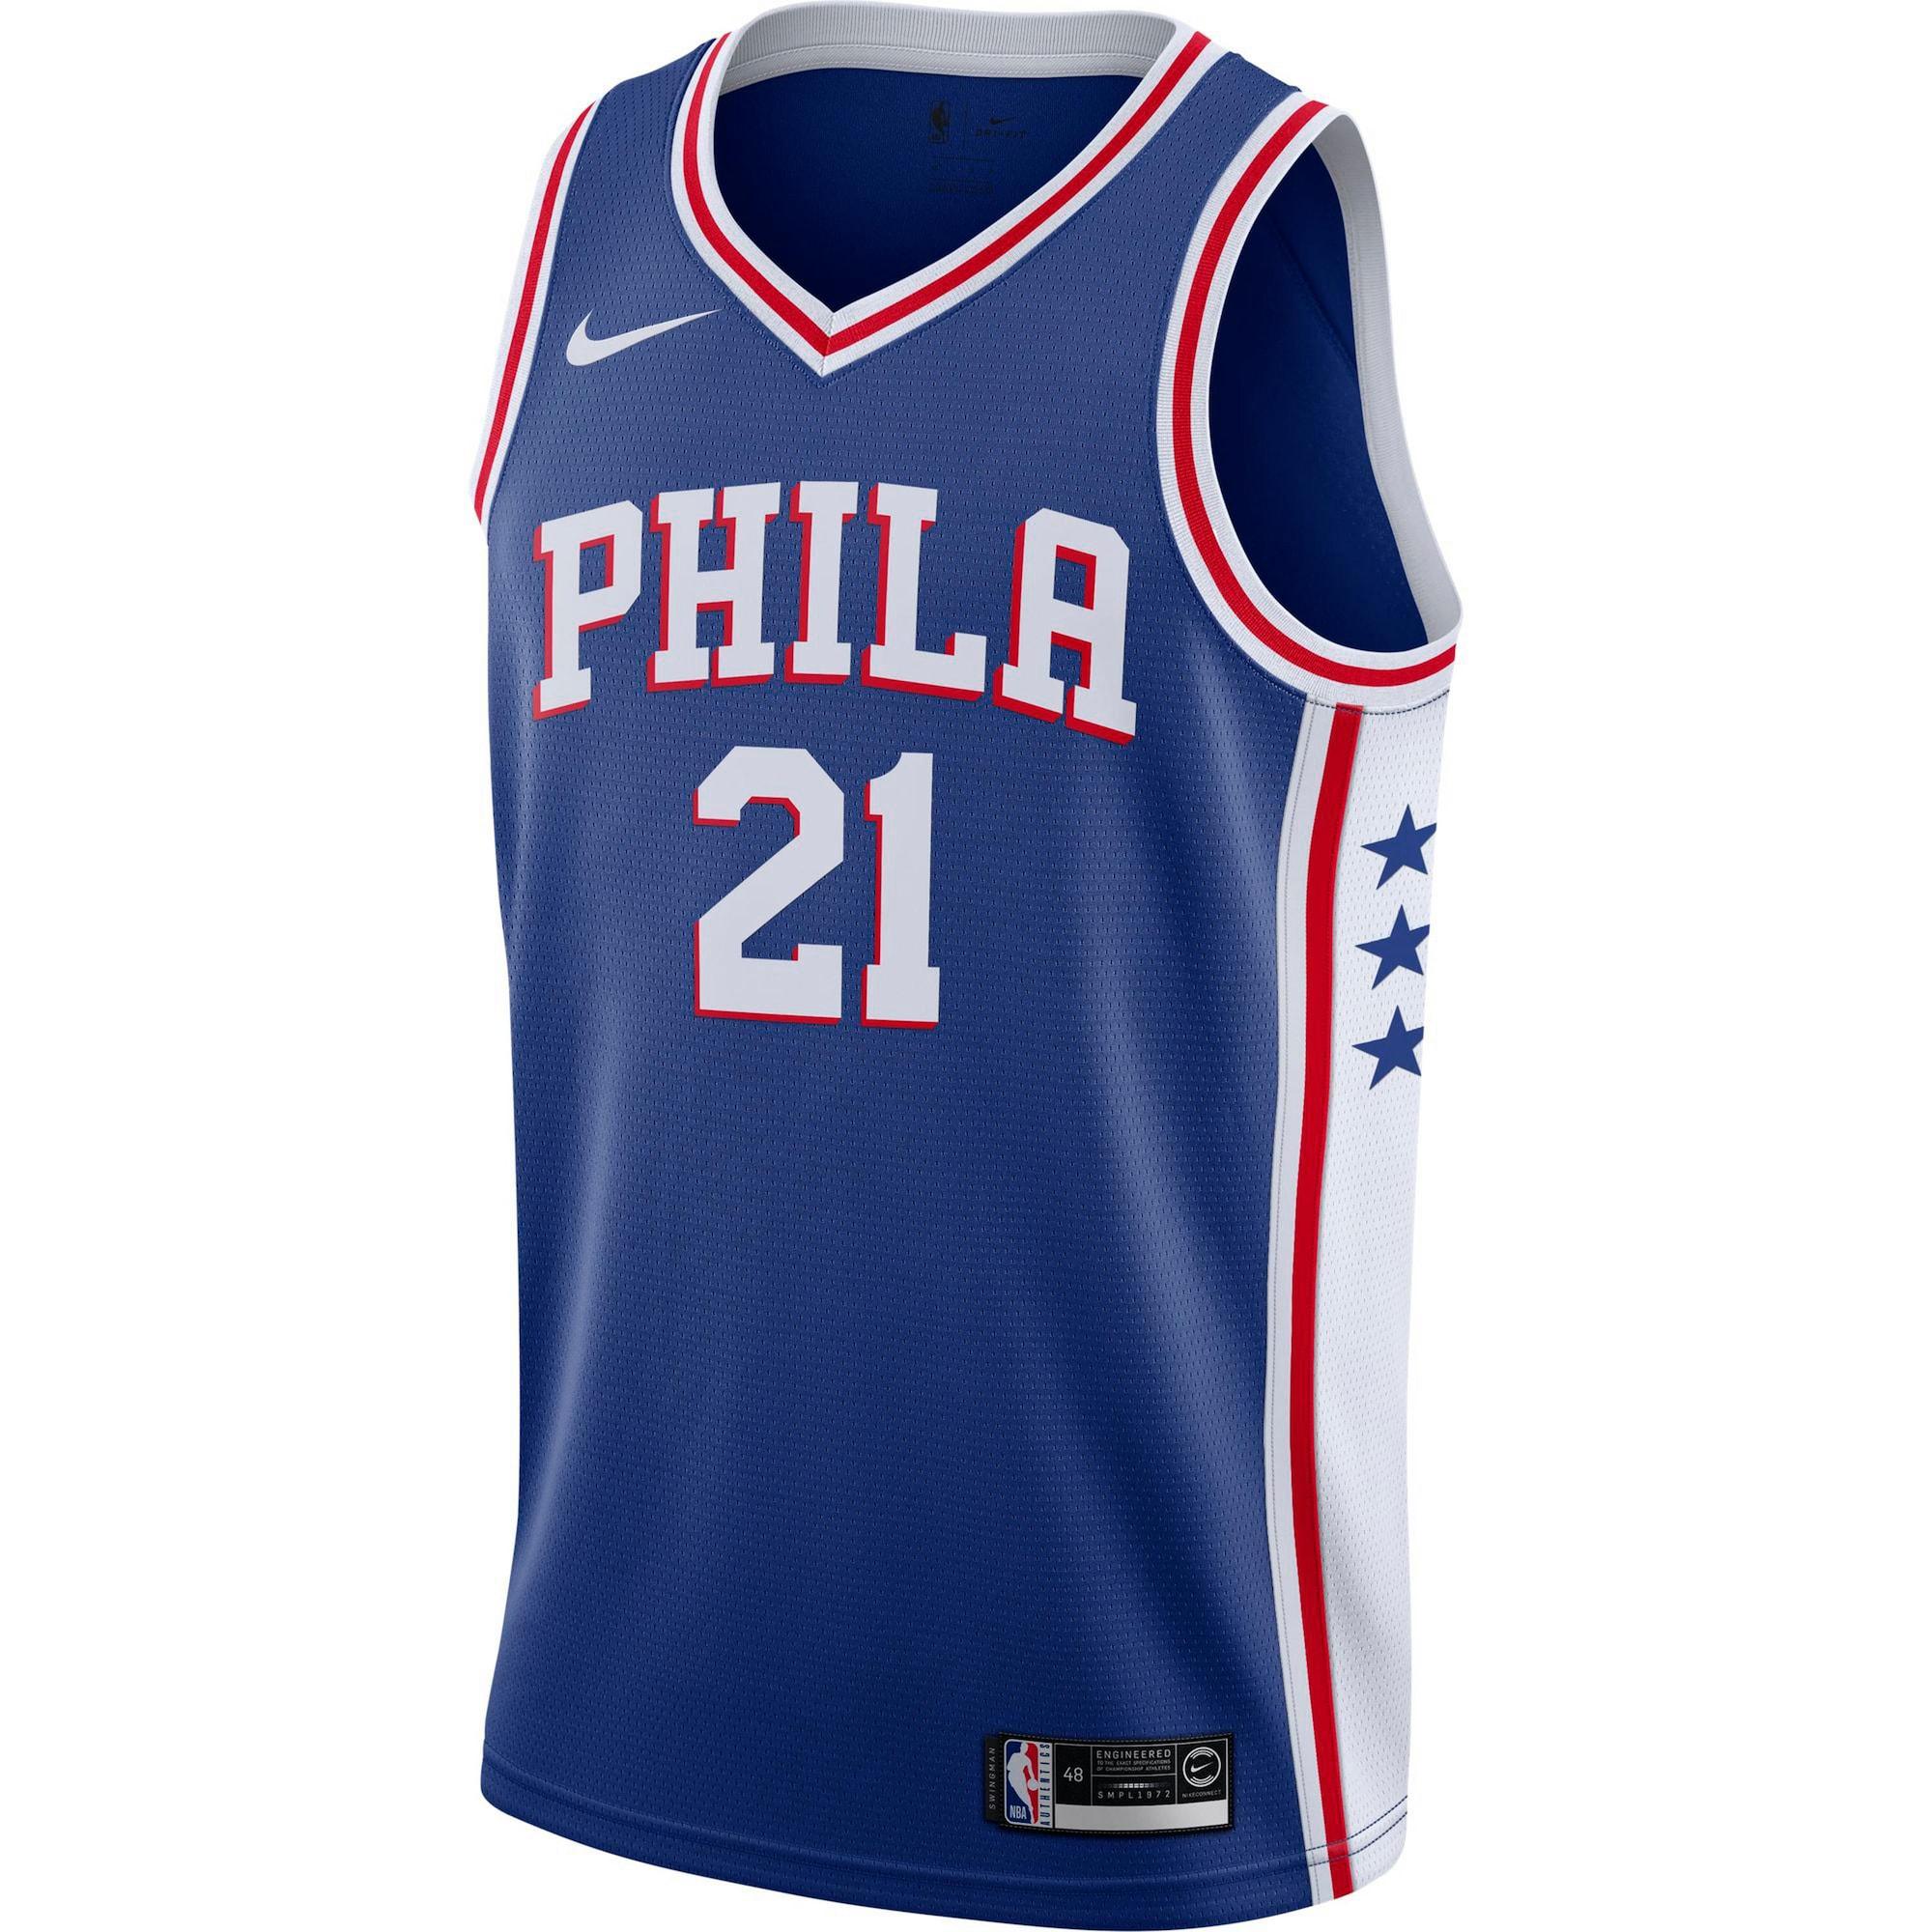 Basketballtrikot 'Joel Embiid Philadelphia 76ers' | Sportbekleidung > Trikots > Basketballtrikots | Nike